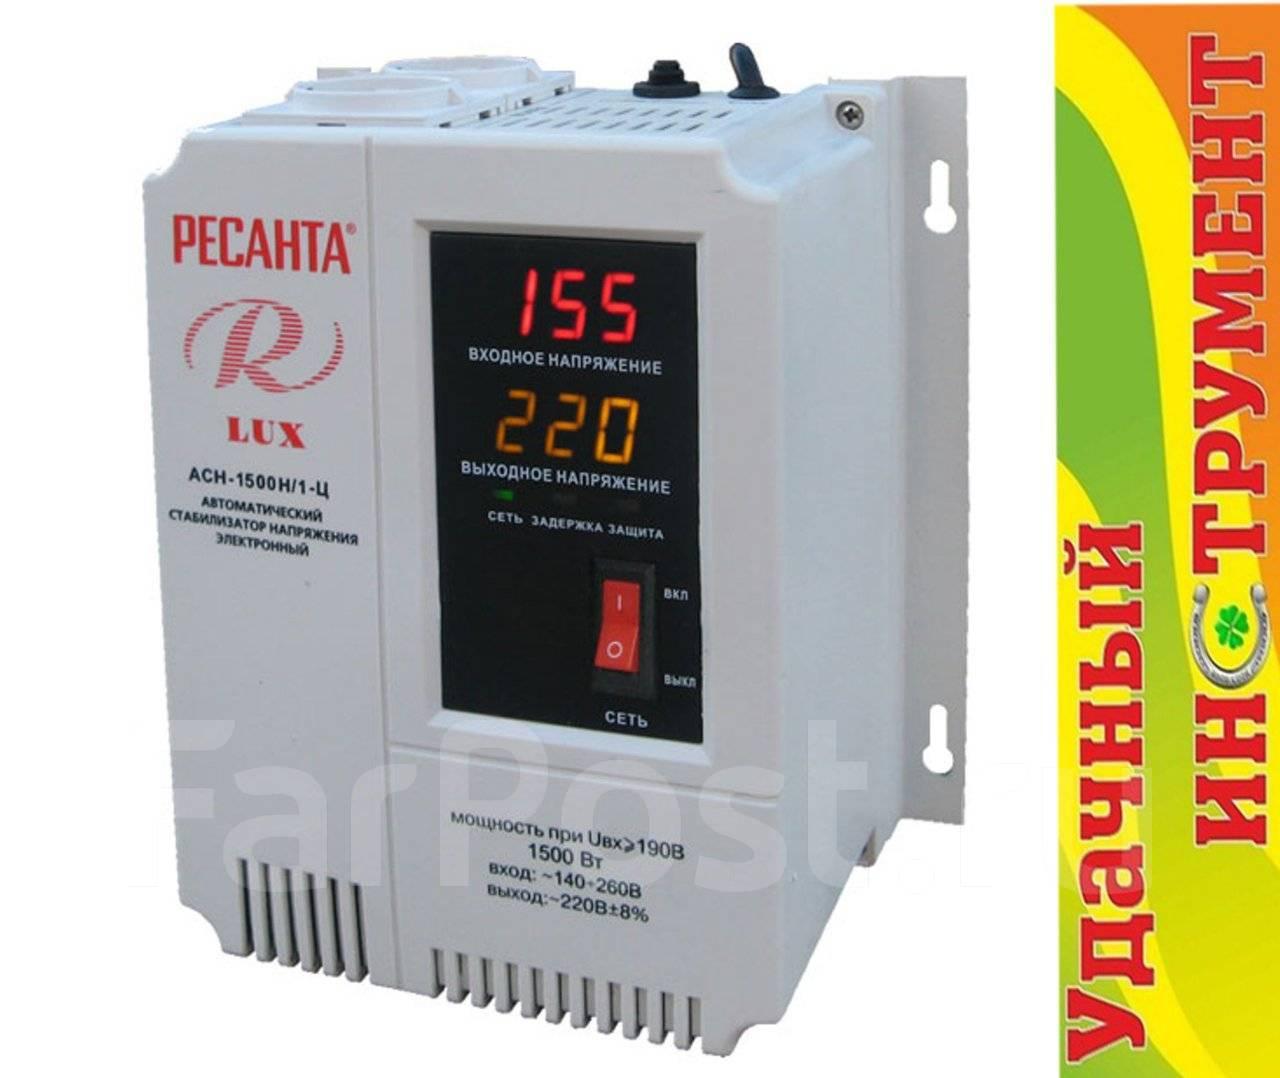 Стабилизатор напряжения ресанта 5 кв линейный стабилизатор напряжения 12 вольт